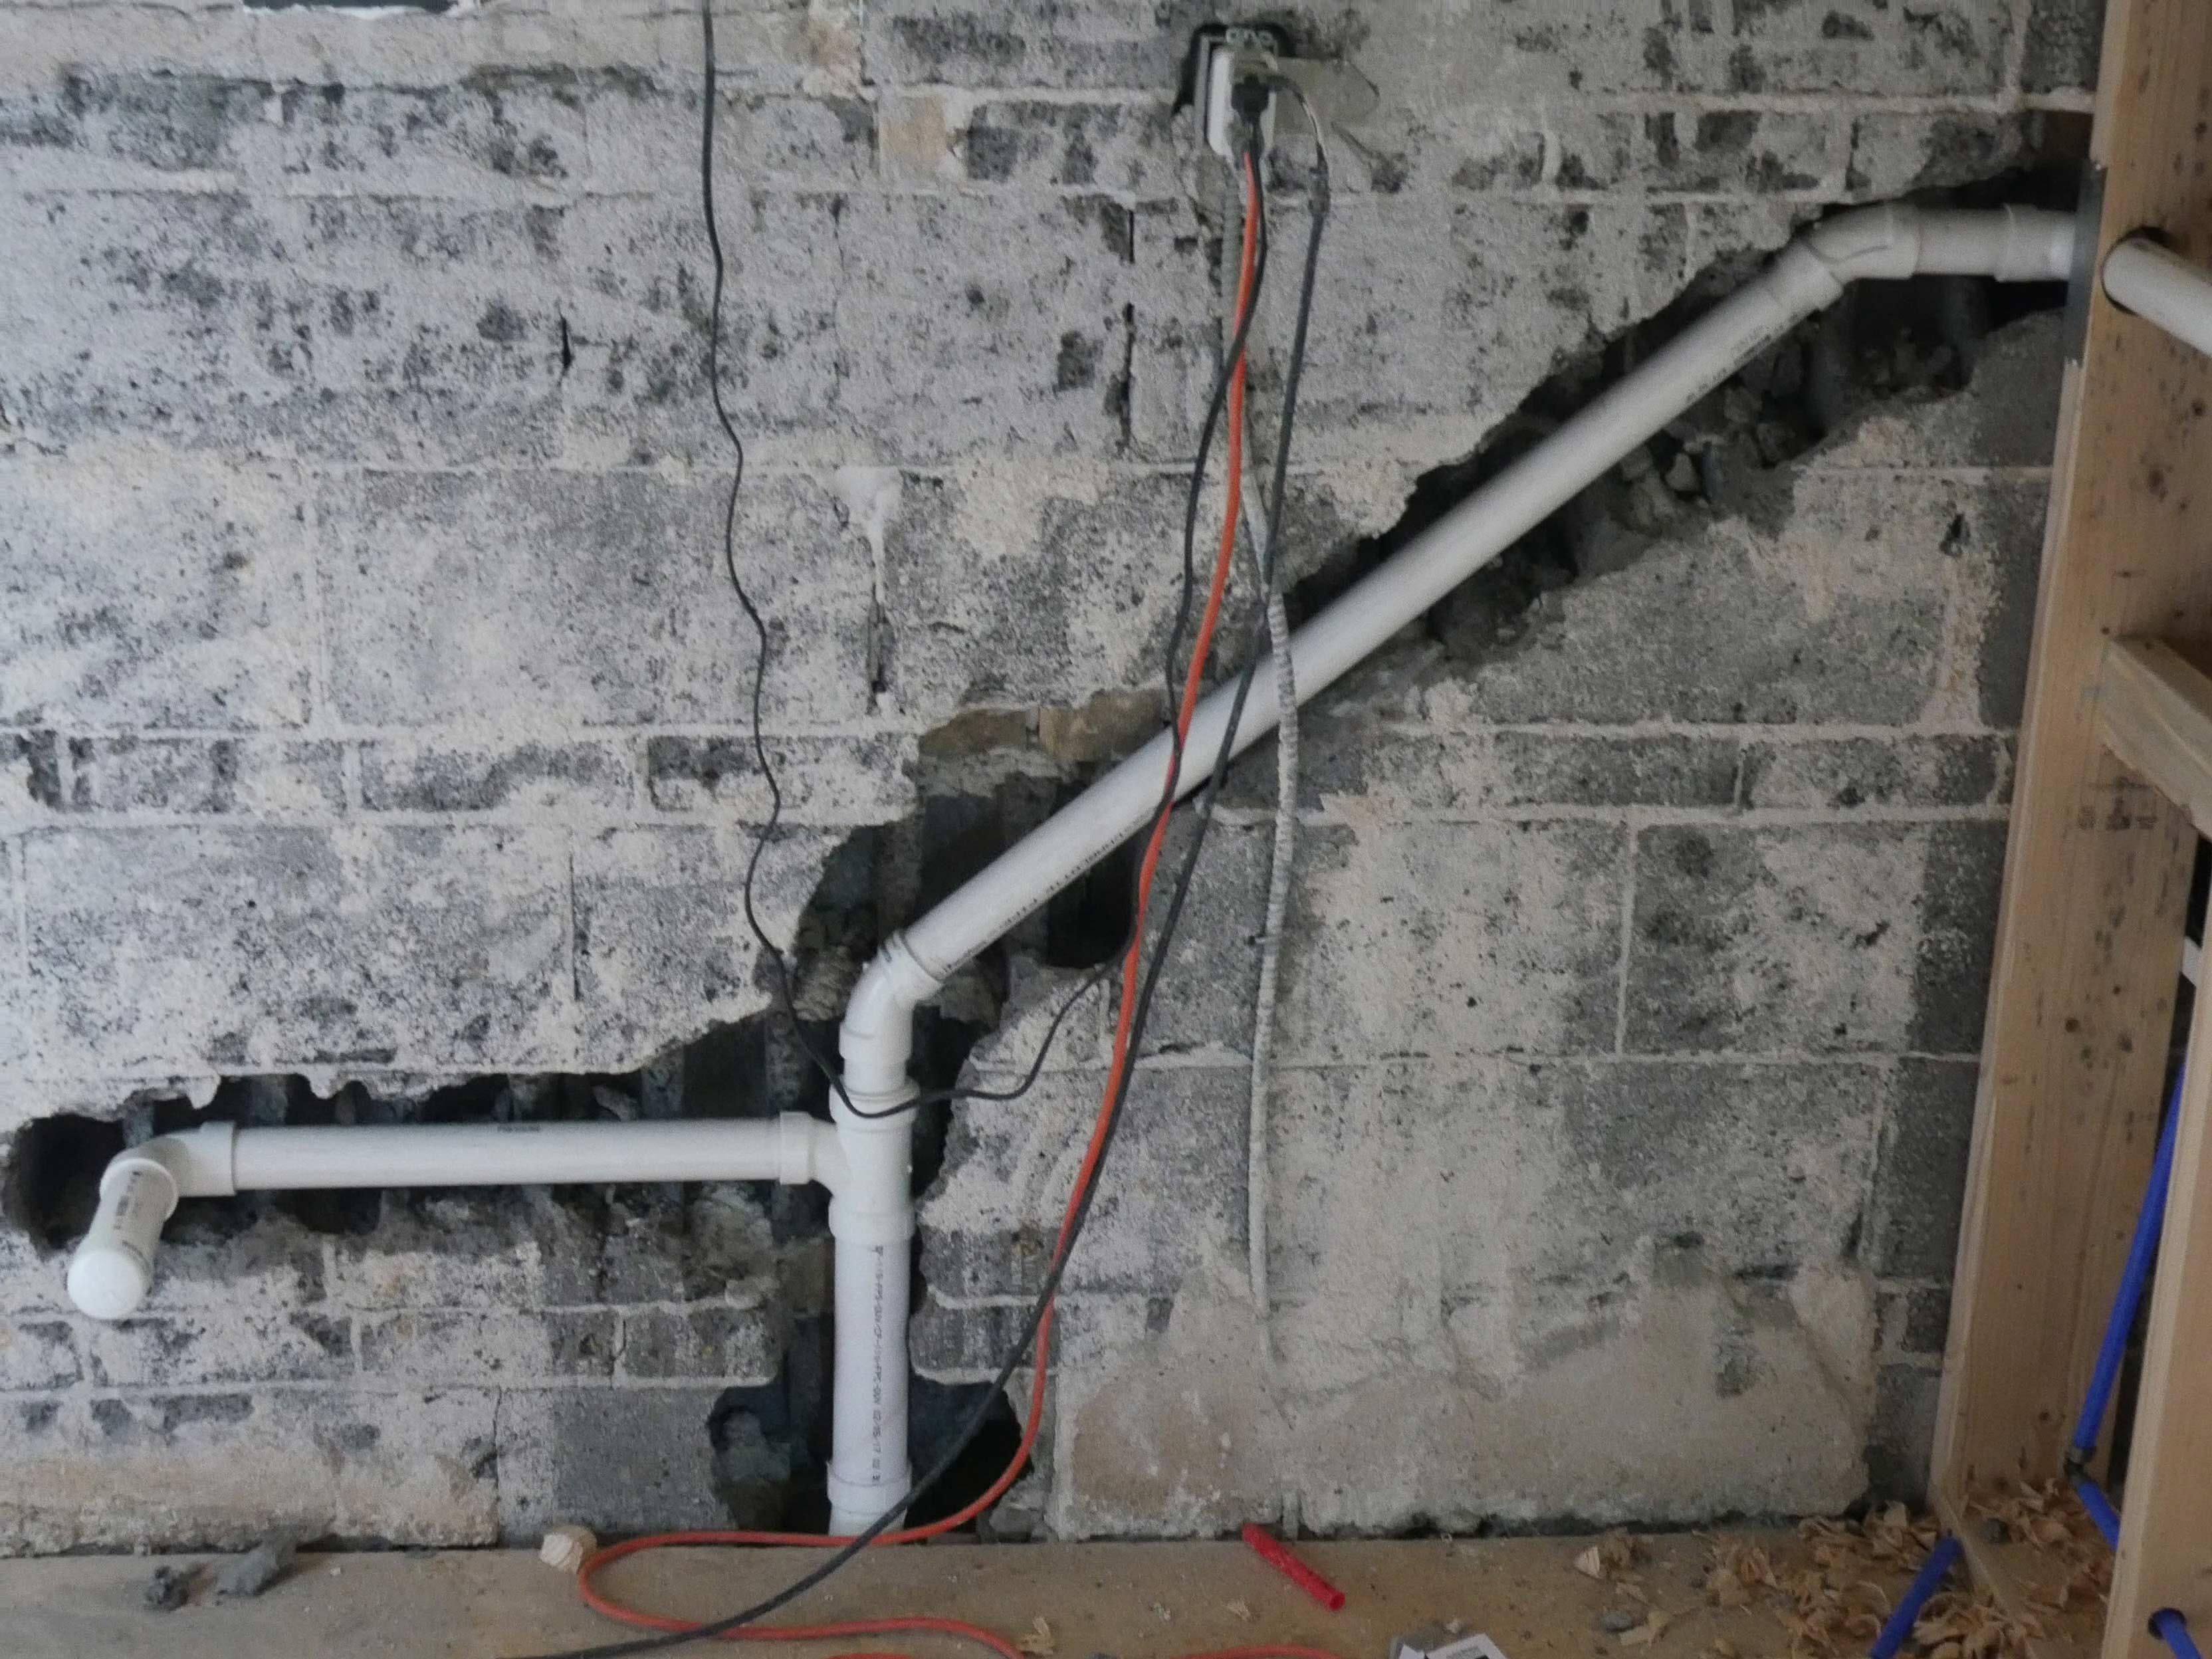 Ongoing plumbing work